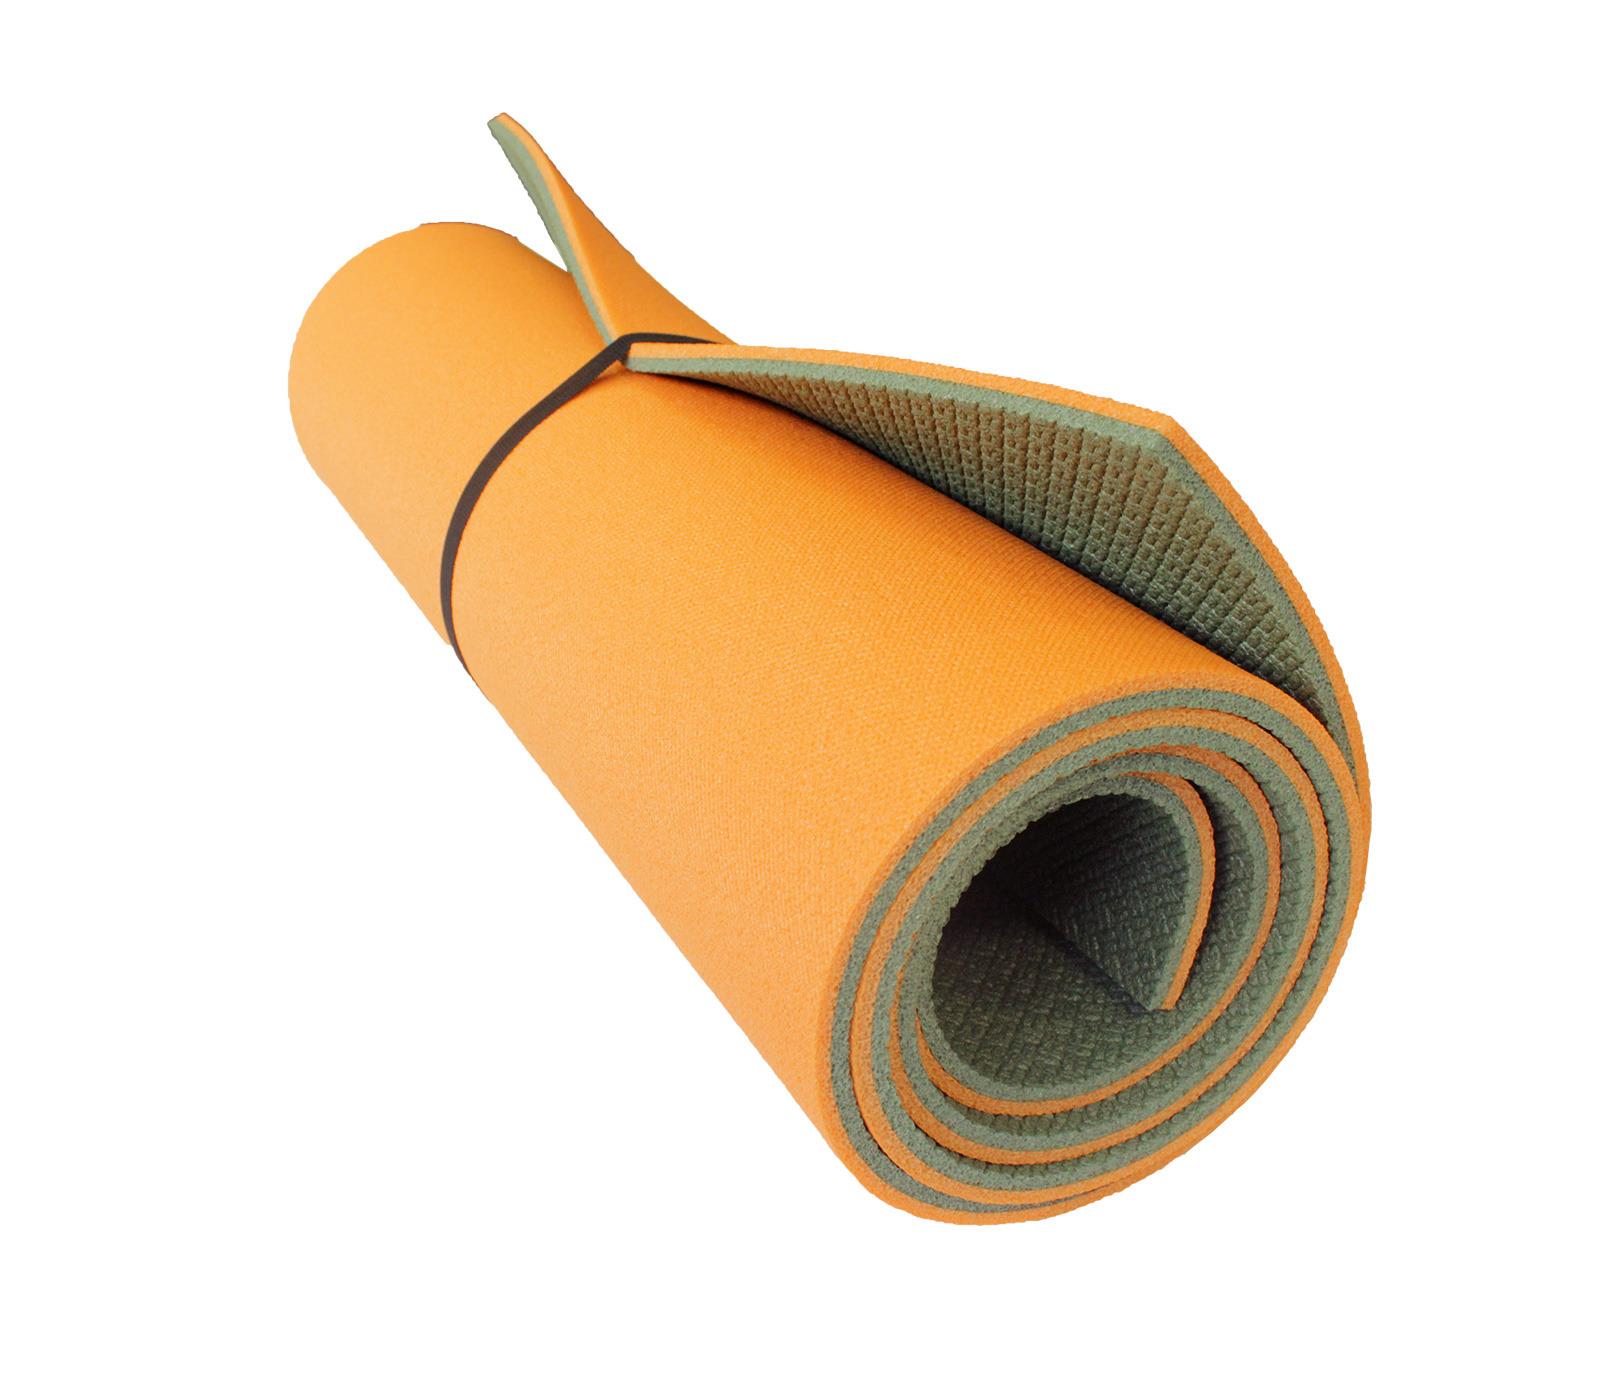 Коврик туристический WoodLand Forest Lux 10, 40799, оранжевый, оливковый, 180 х 60 см